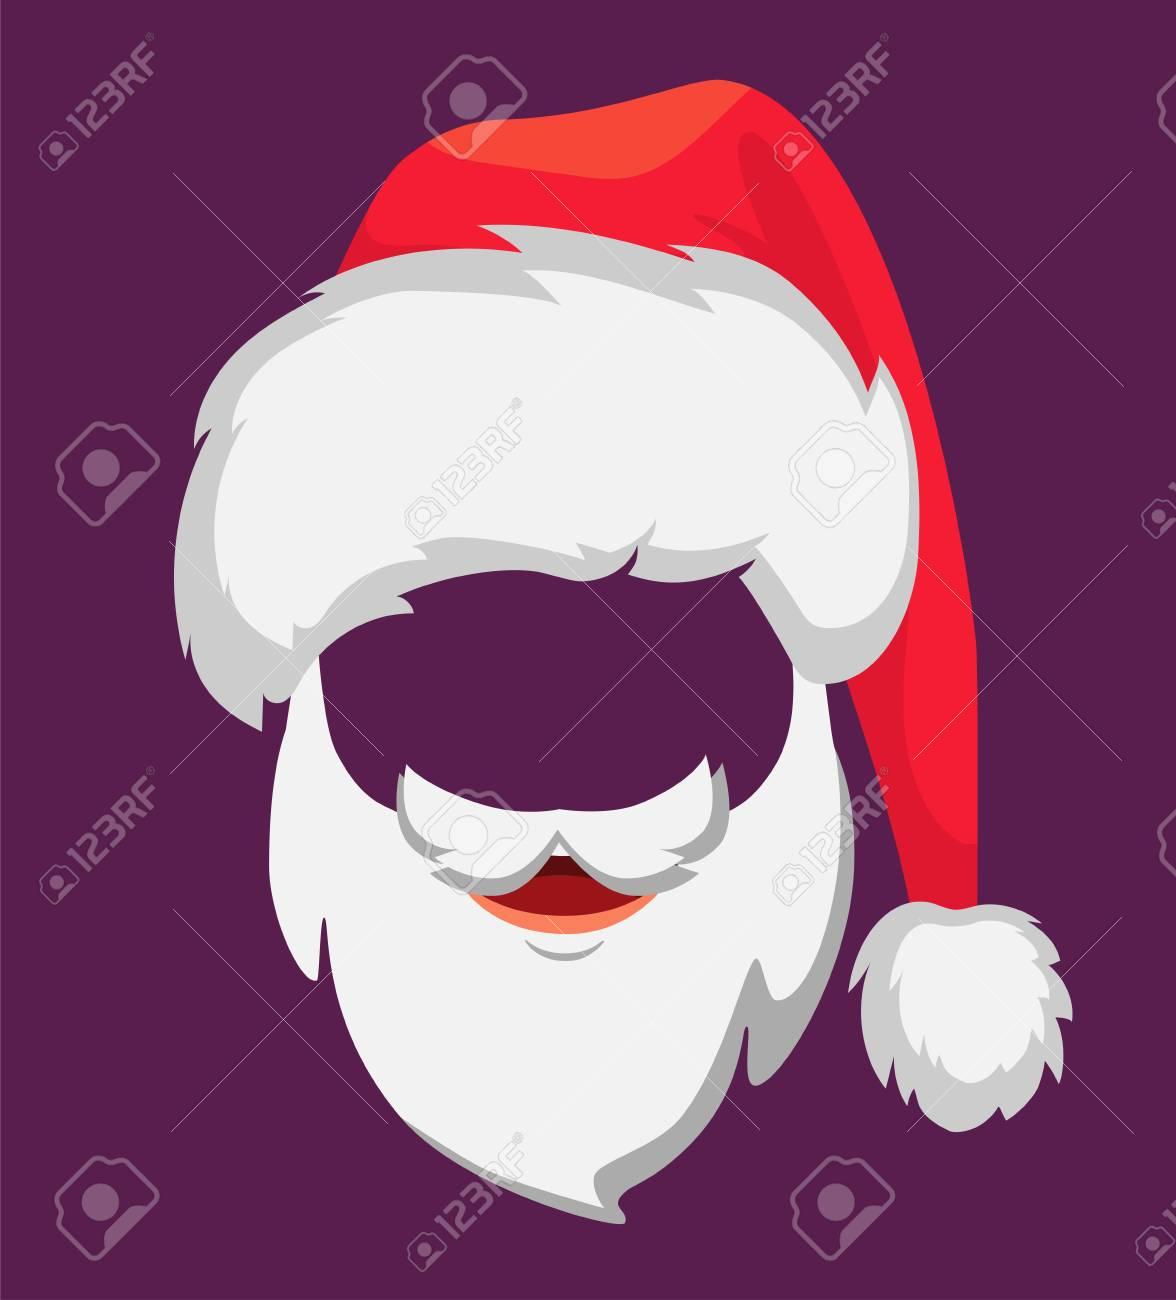 ecf3525fa021a Santa Claus hat and beard. Santa Claus vector illustration Stock Vector -  111886021